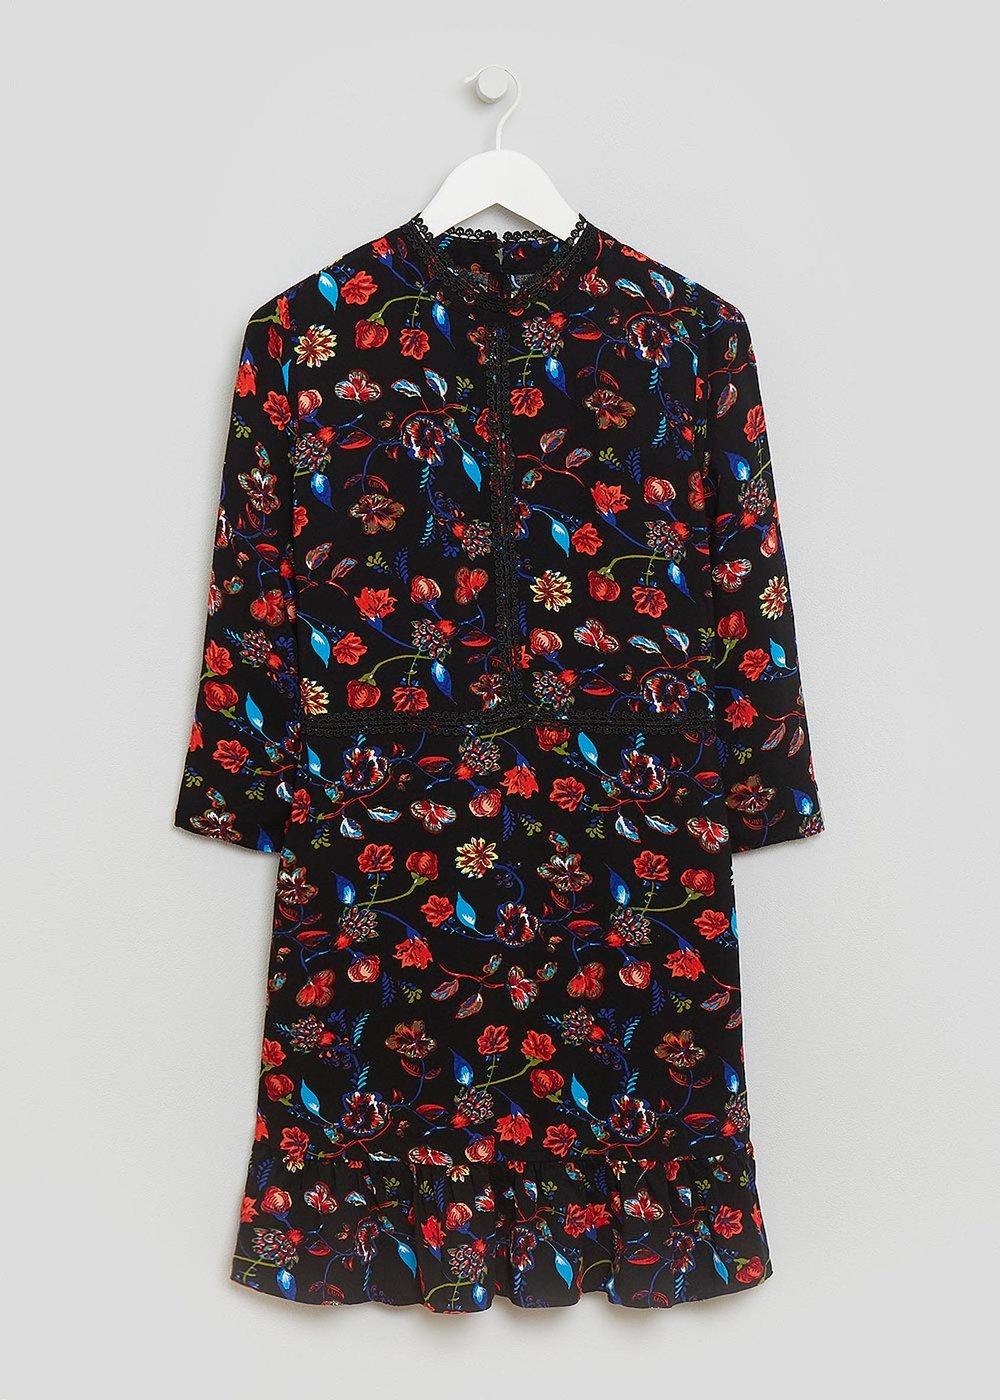 Dress, £18